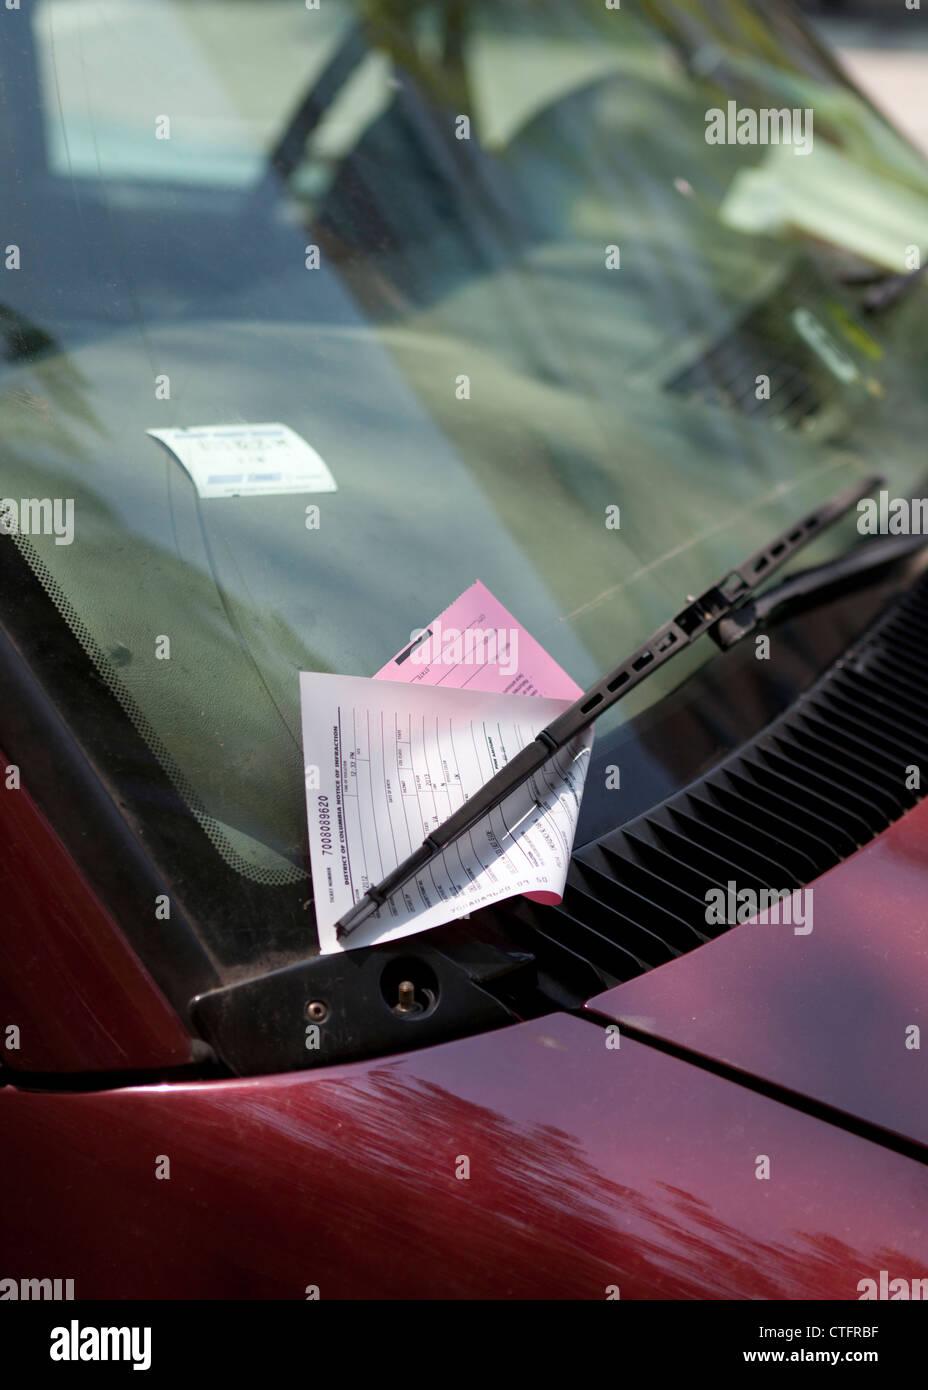 Parking ticket on windshield - Washington, DC USA - Stock Image